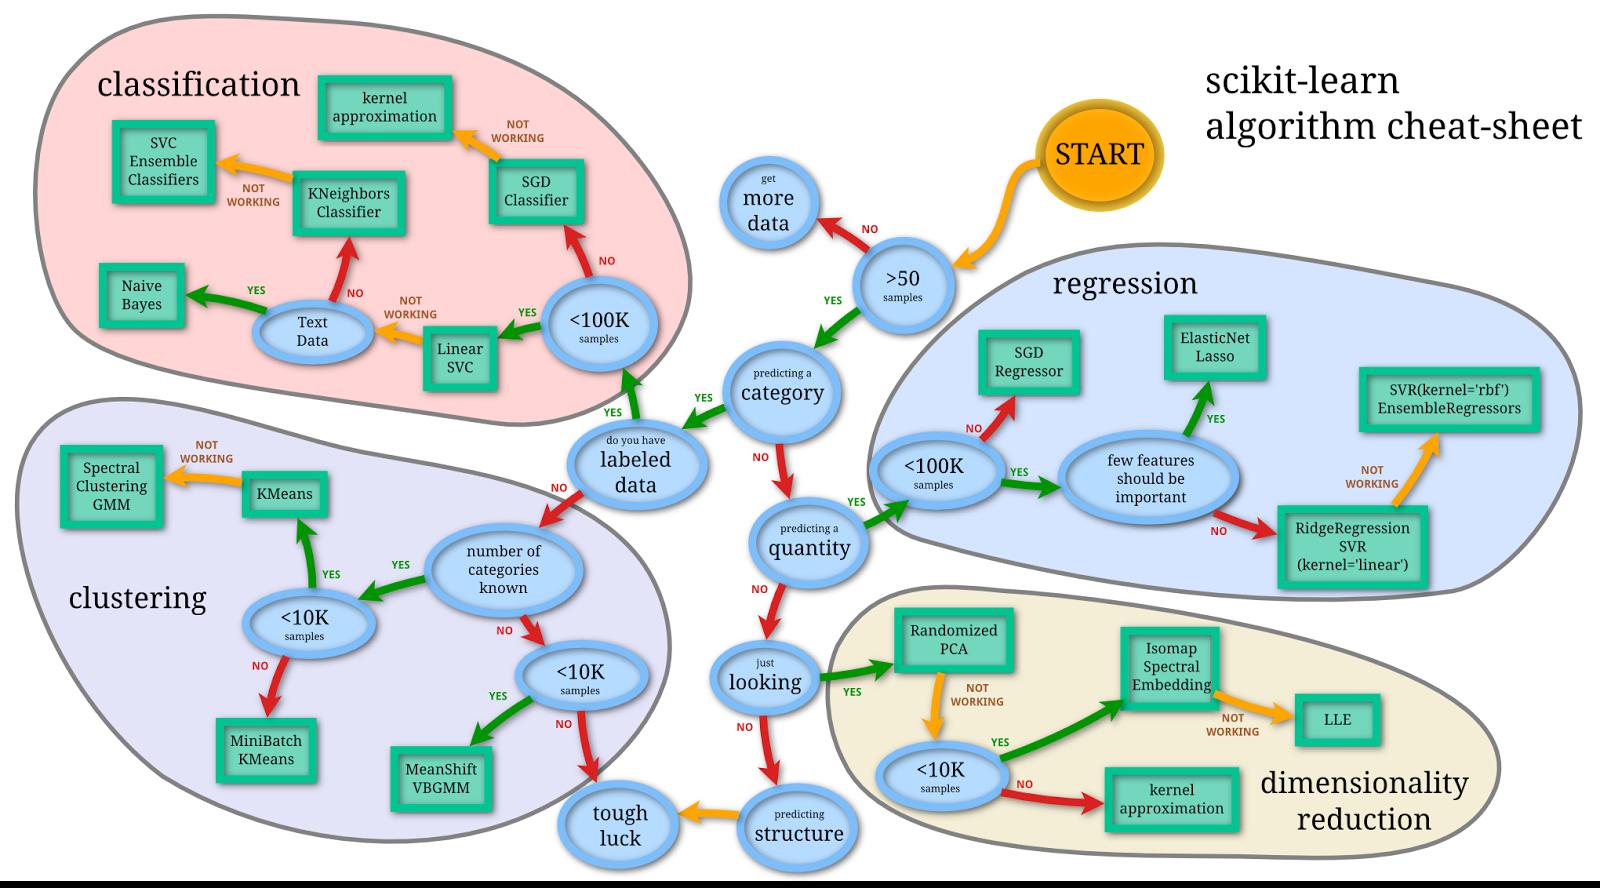 Памятки по искусственному интеллекту, машинному обучению, глубокому обучению и большим данным - 6